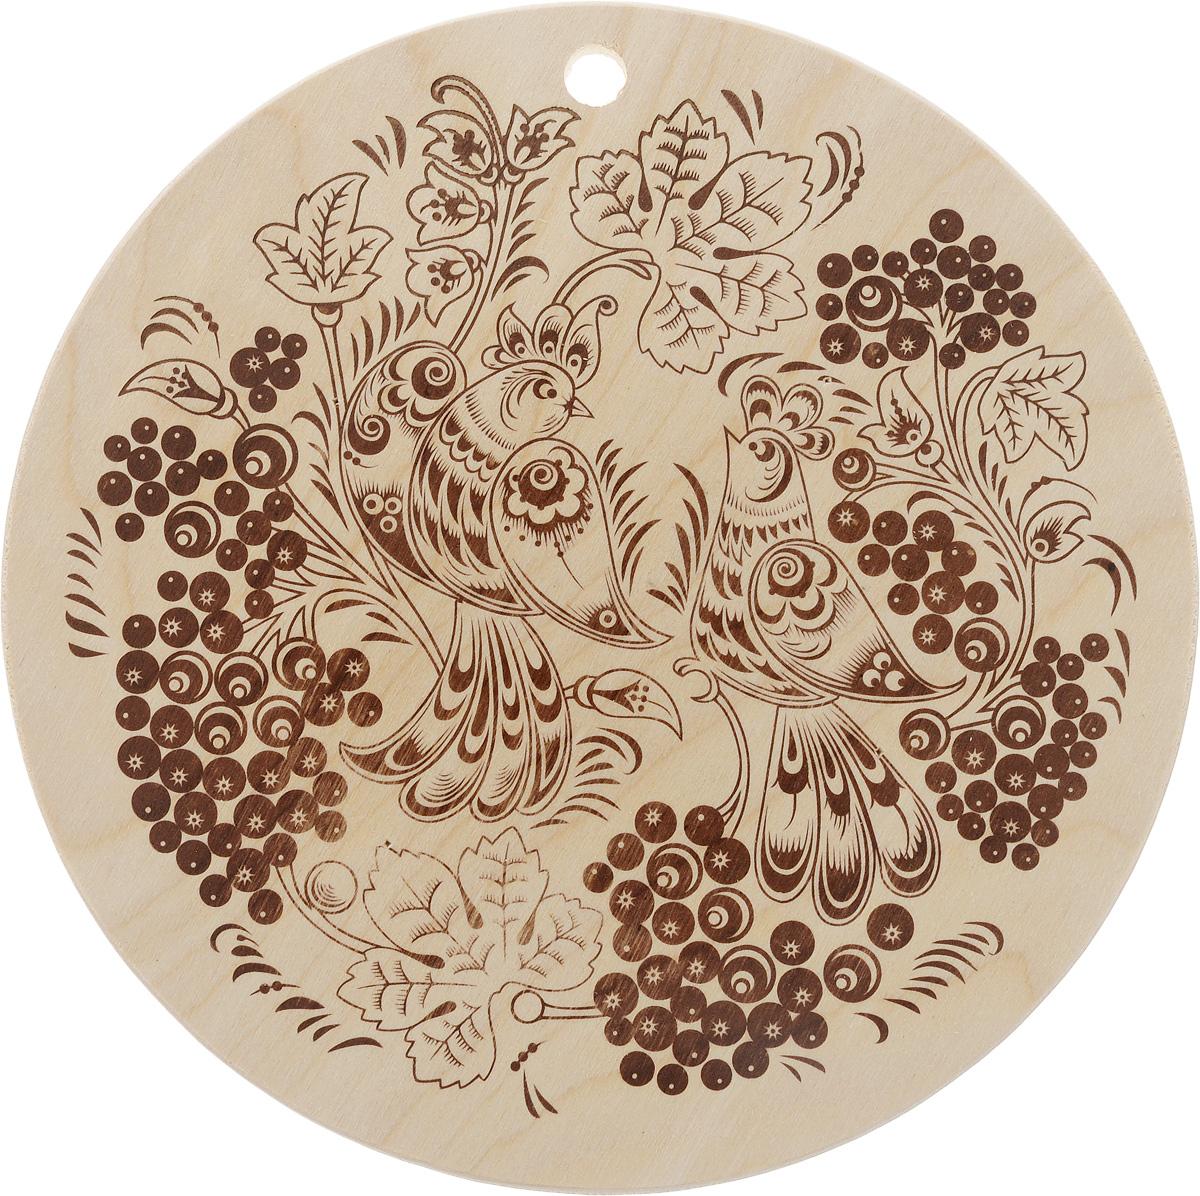 Доска разделочная Marmiton Птички, диаметр 24 смFS-91909Разделочная доска Marmiton Птички, изготовленная из березы, прекрасно подходит для разделки и измельчения всех видов продуктов. С лицевой стороны изделие декорировано изображением птиц. Доска имеет отверстие для подвешивания на крючок.Внимание! Используйте только обратную сторону доски! Перед первым использованием промойте теплой водой и вытрите насухо мягкой тканью. Не подходит для мытья в посудомоечной машине.Размер доски: 24 х 24 х 8 см.